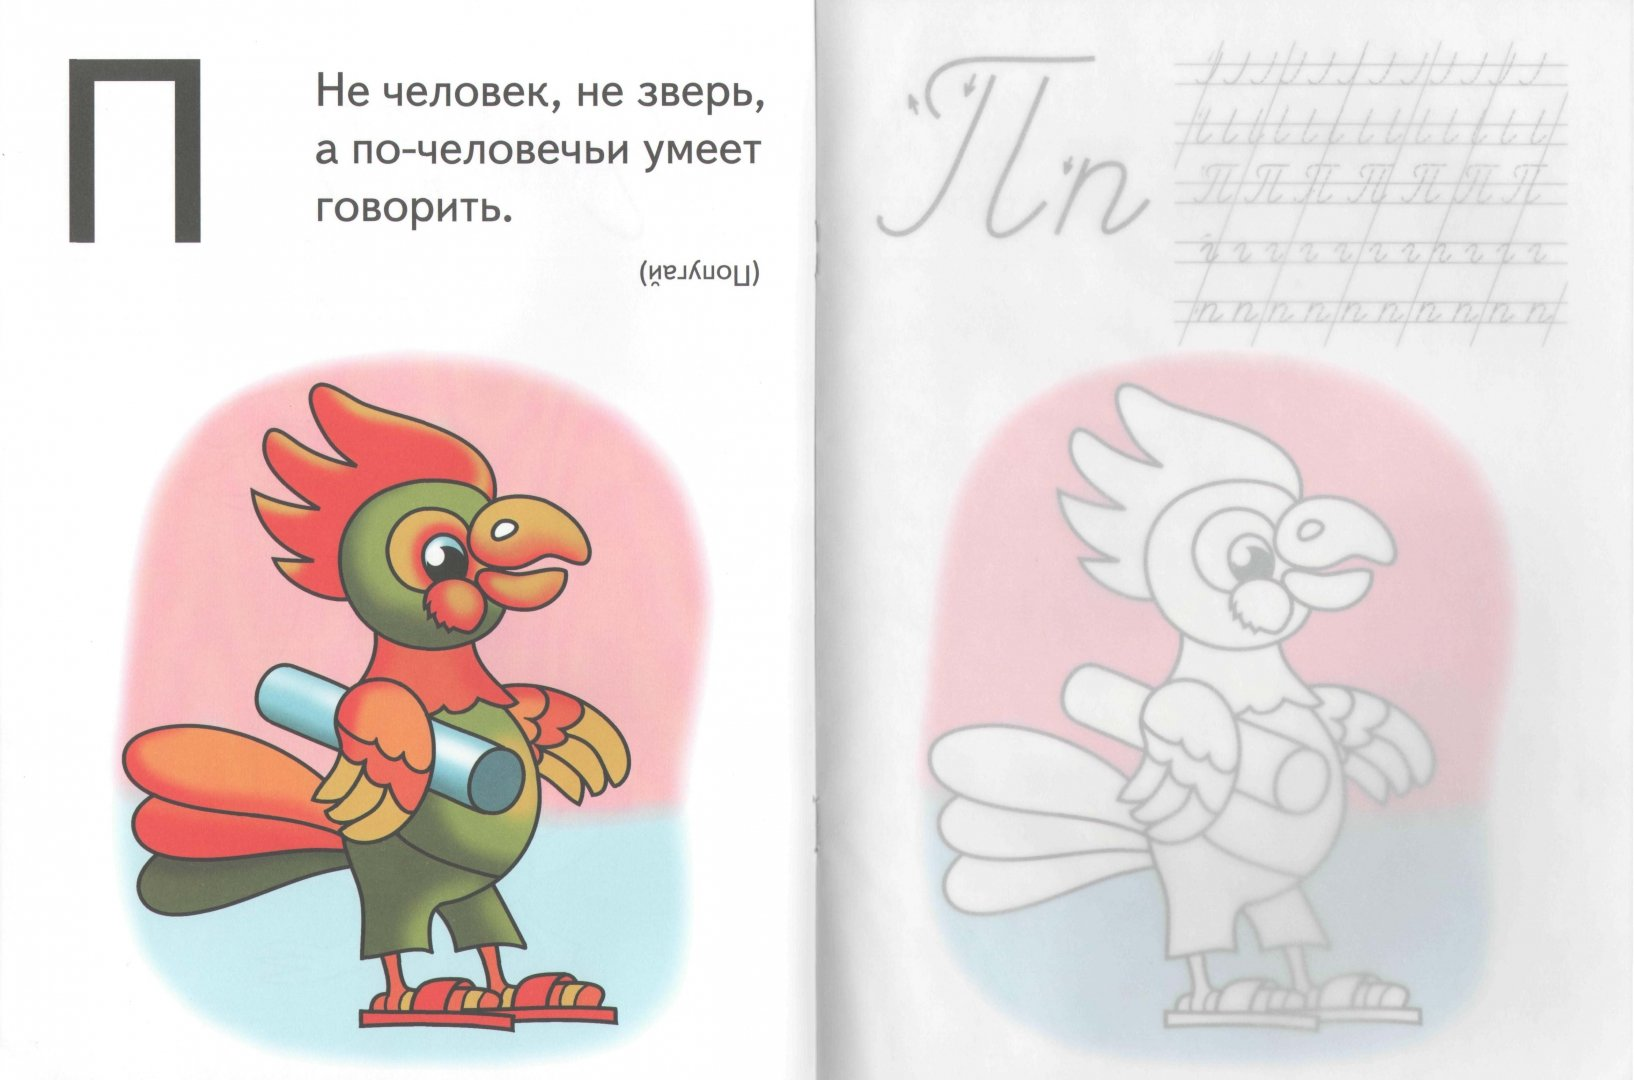 Иллюстрация 1 из 5 для Прописи (попугай) - Игорь Куберский   Лабиринт - книги. Источник: Лабиринт